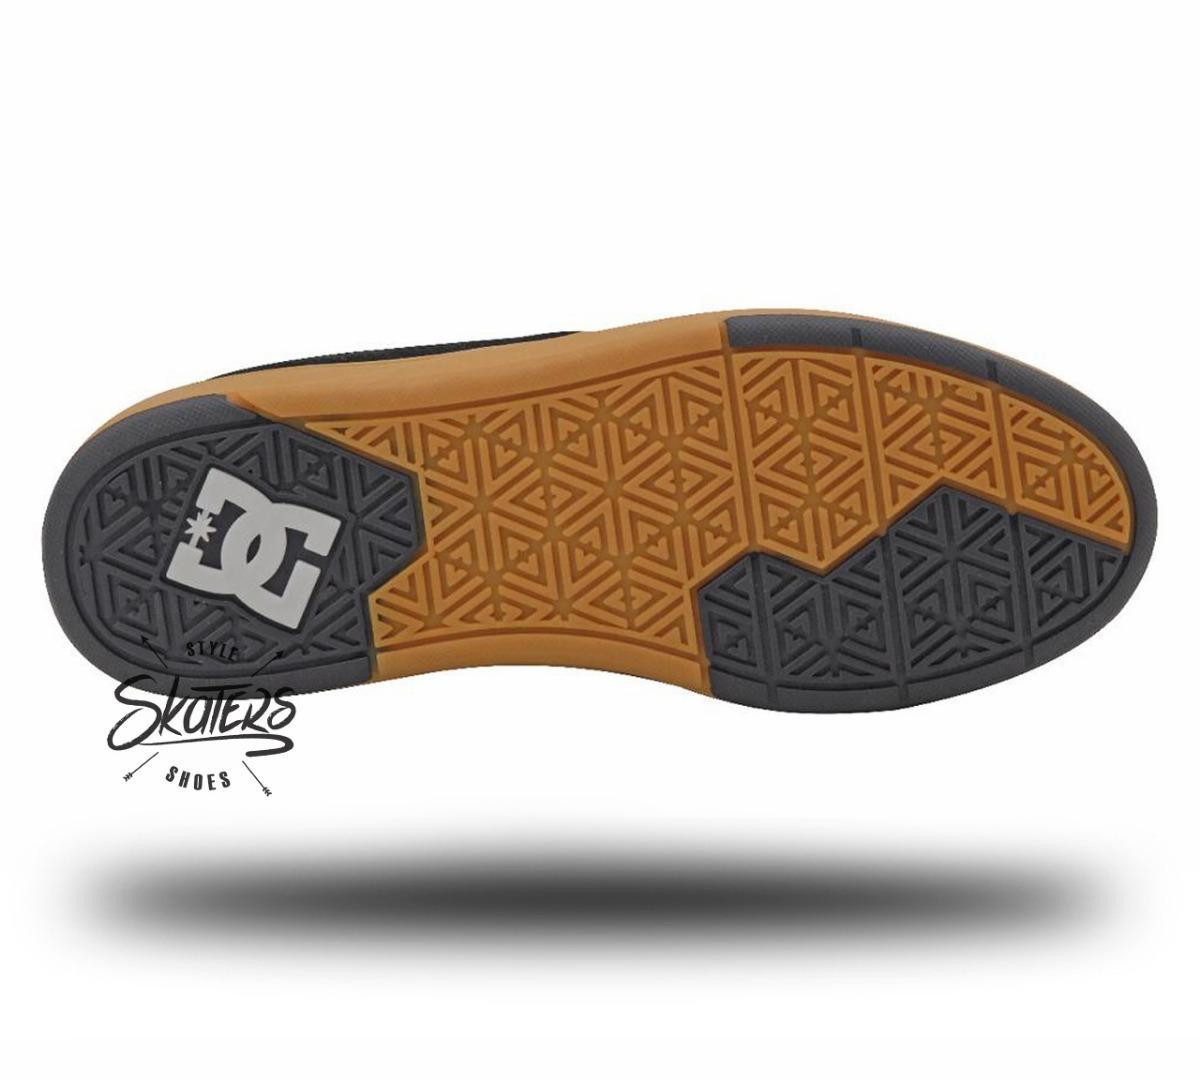 c373275623 tênis dc plaza lite tc skate street entrega super rápida. Carregando zoom.